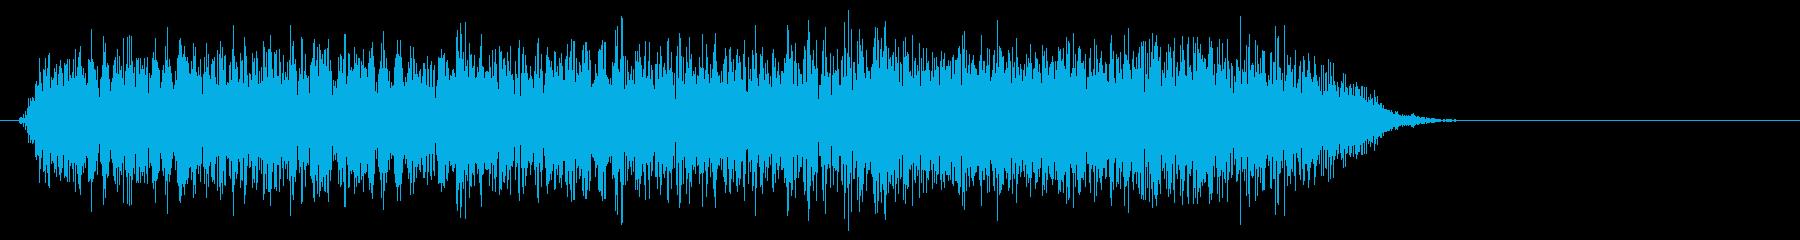 メタルなフレーズ クールなツインギターの再生済みの波形